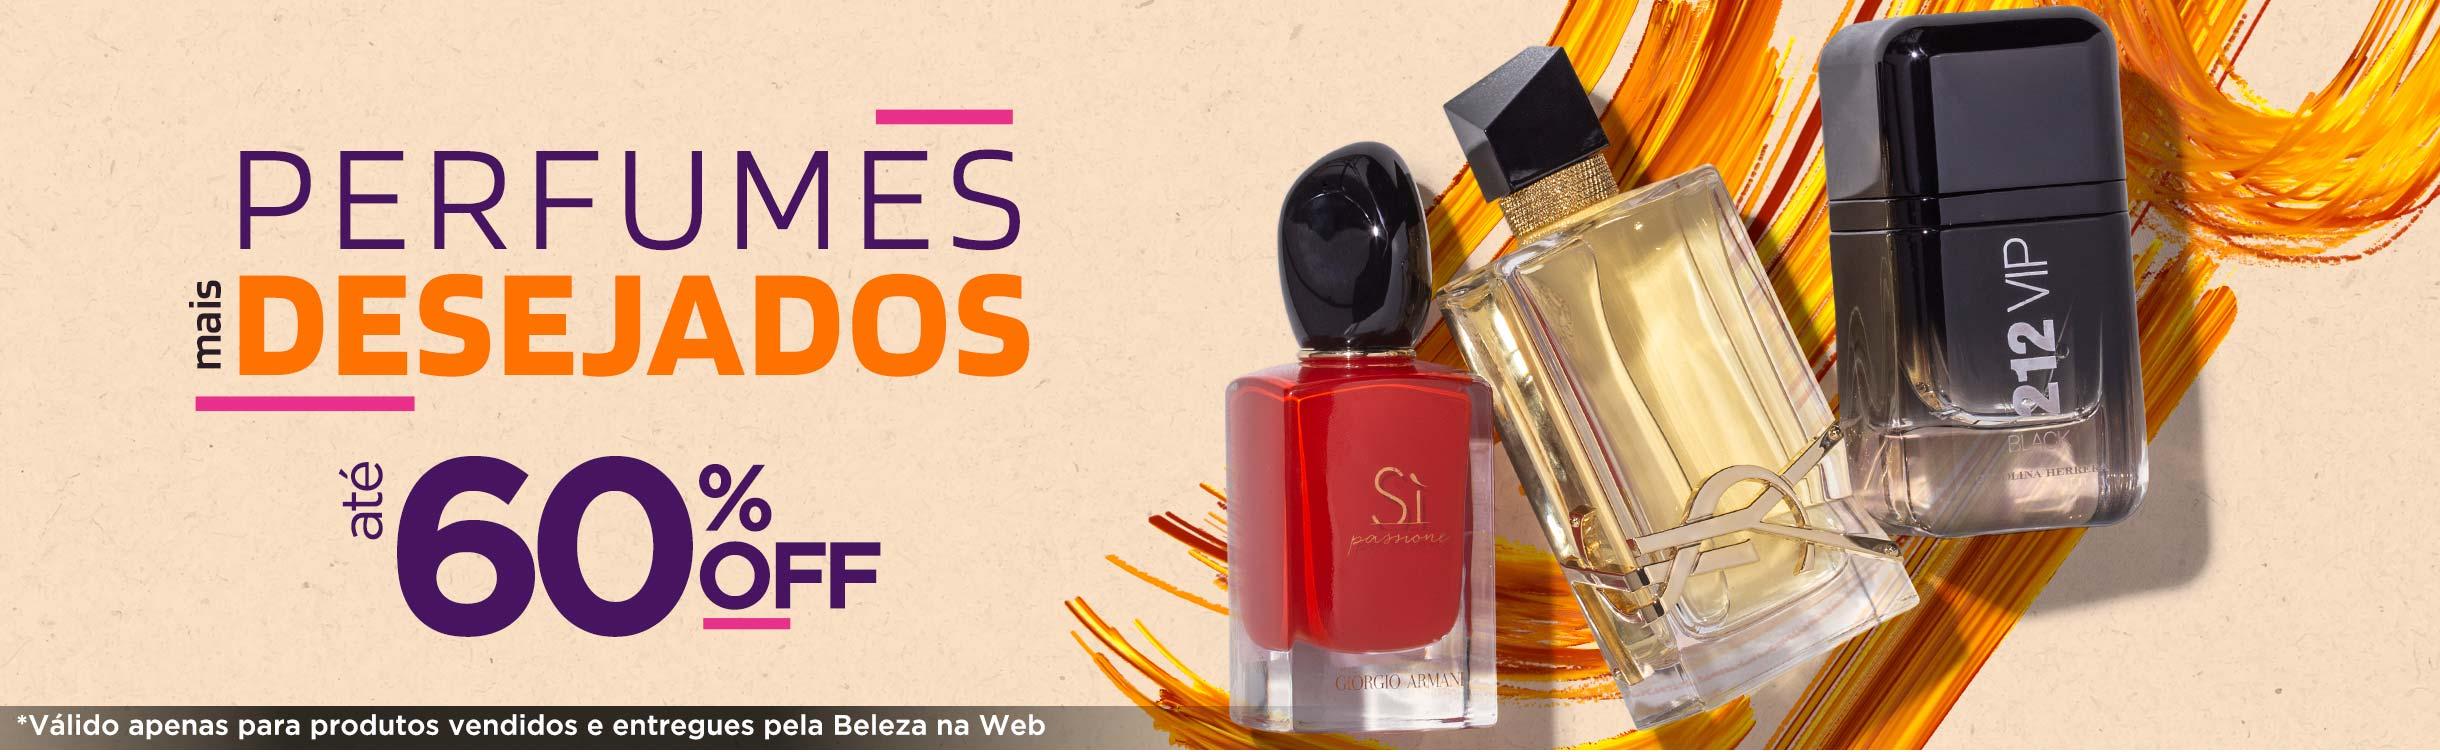 Os Perfumes e Perfumaria Mais Desejados por Elas